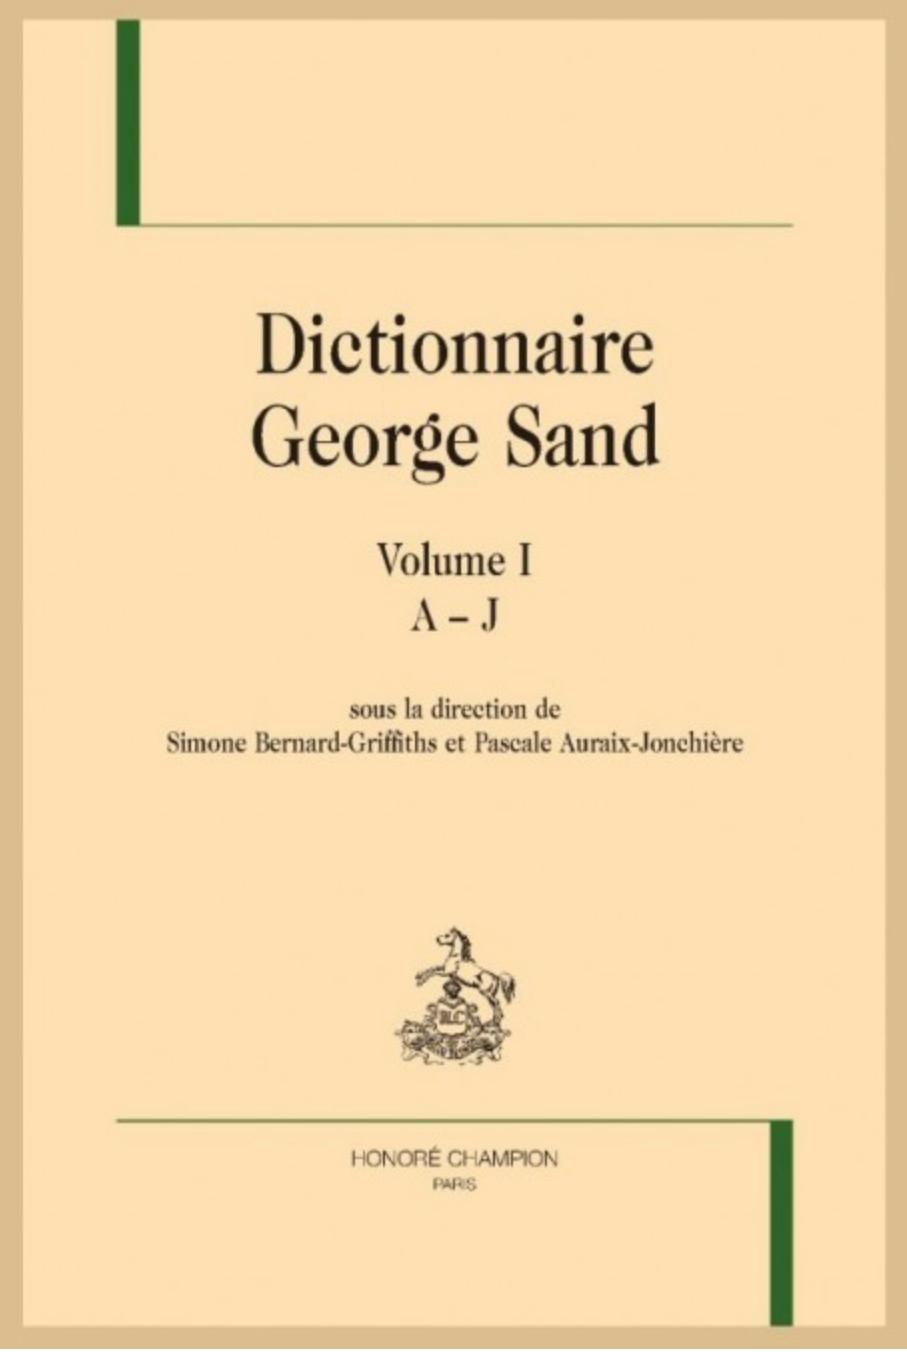 S. Bernard-Griffiths et P. Auraix-Jonchière (dir.), Dictionnaire George Sand